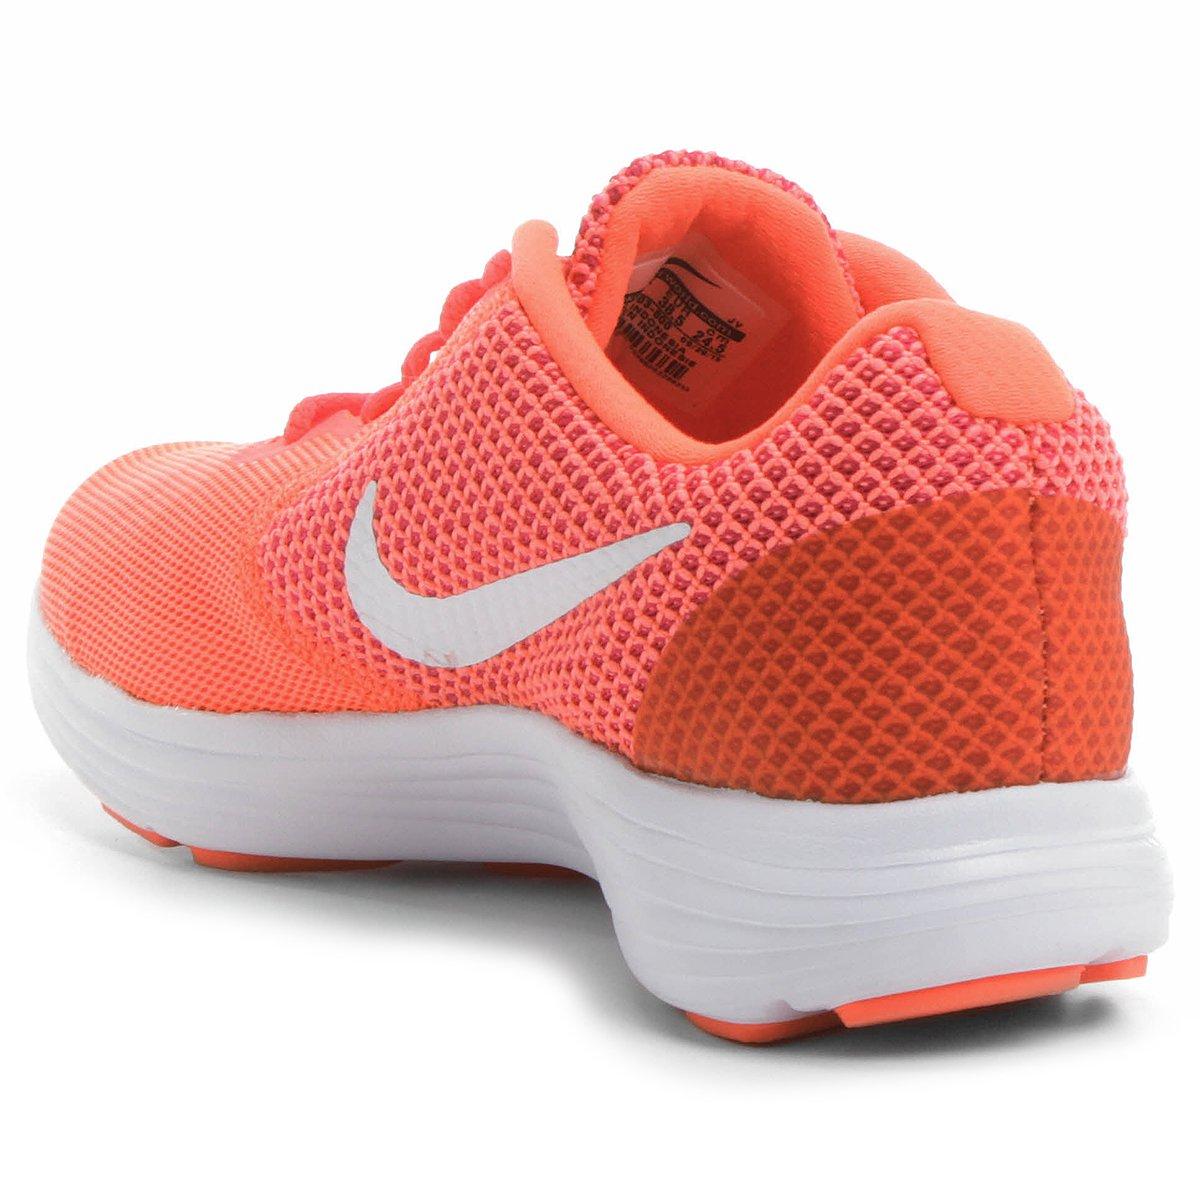 b3f7acacc9 Tênis Nike Revolution 3 Feminino - Salmão e Branco - Compre Agora ...